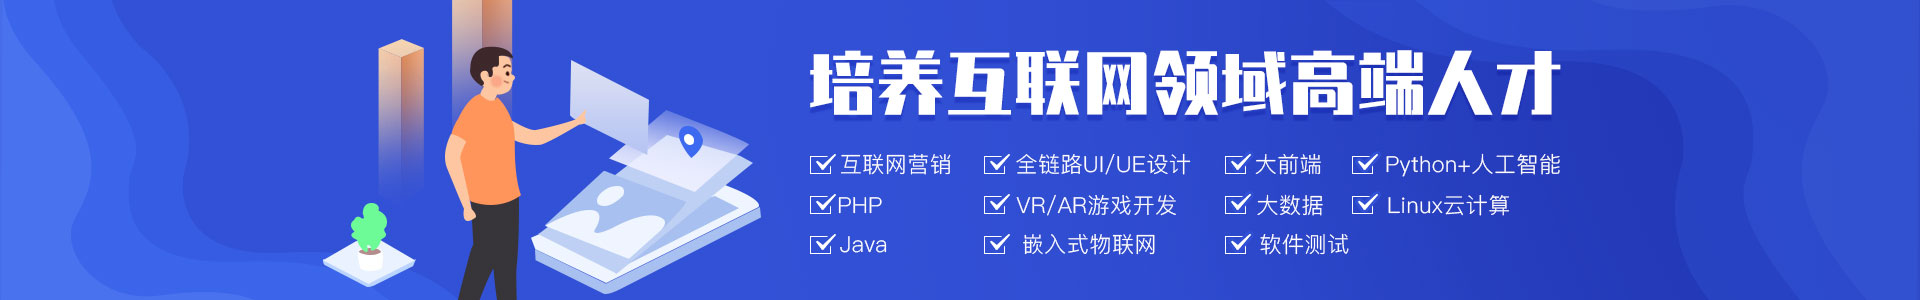 广州中公优就业IT培训学校